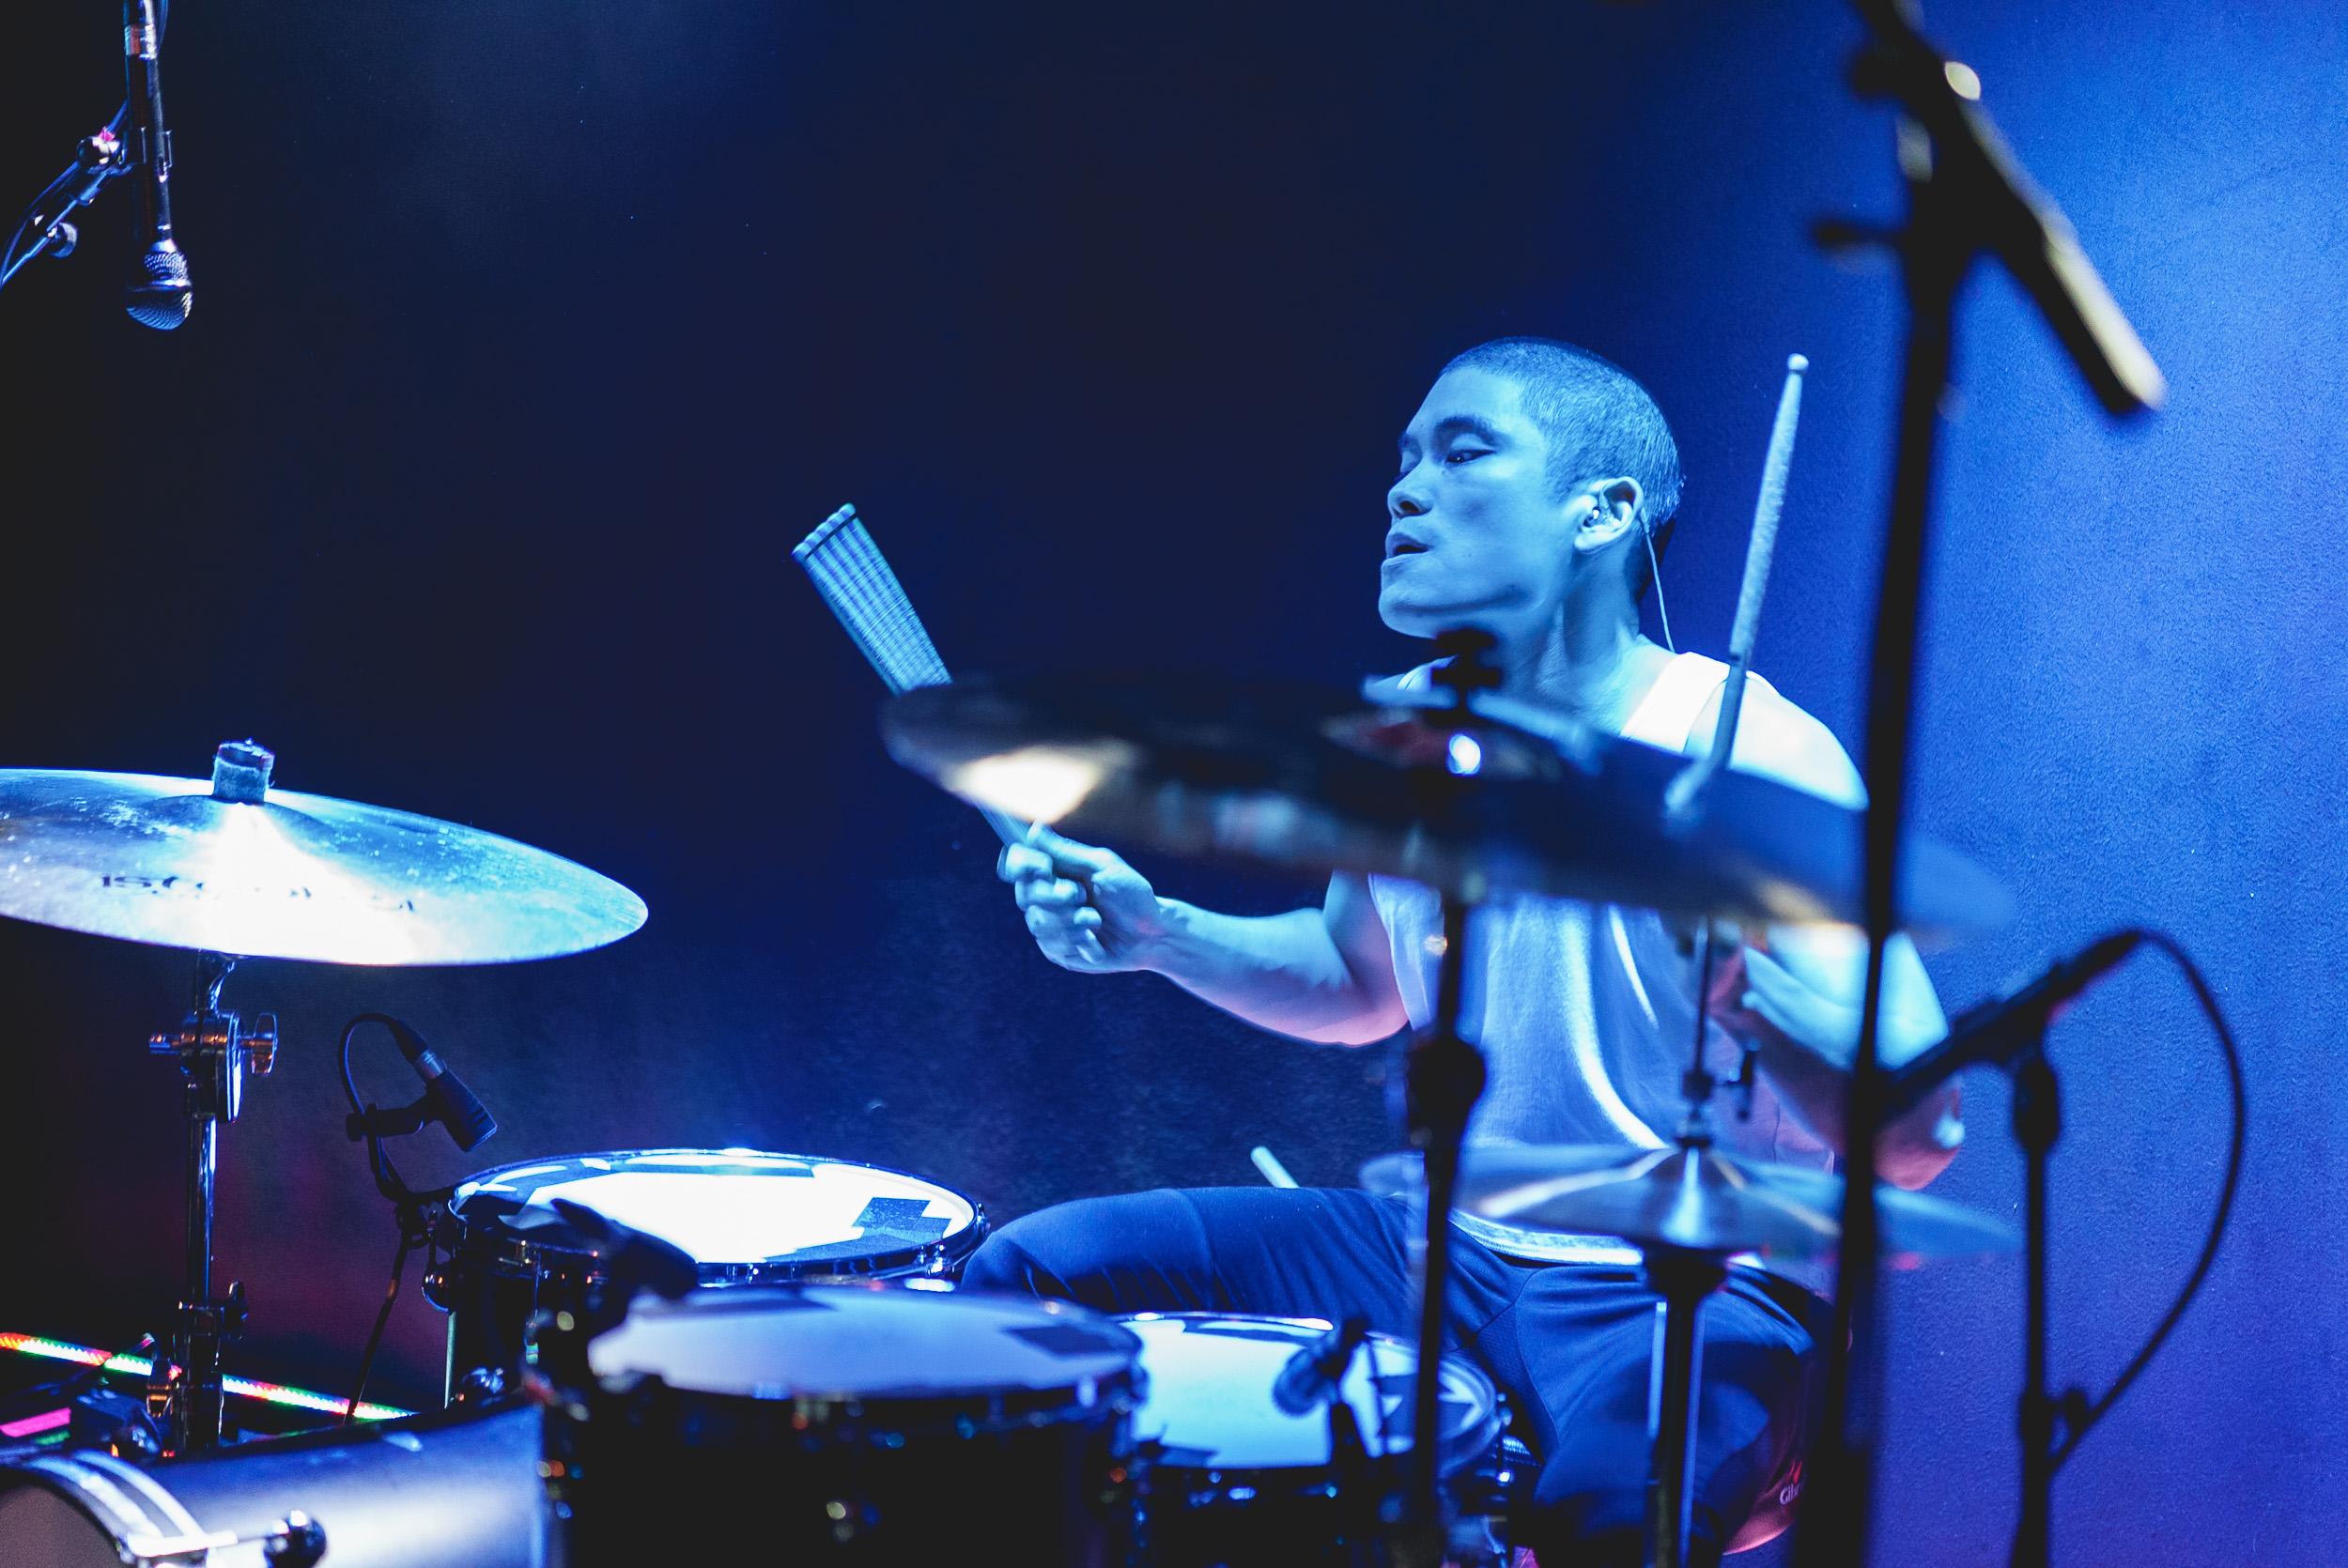 Dylan Fujioka